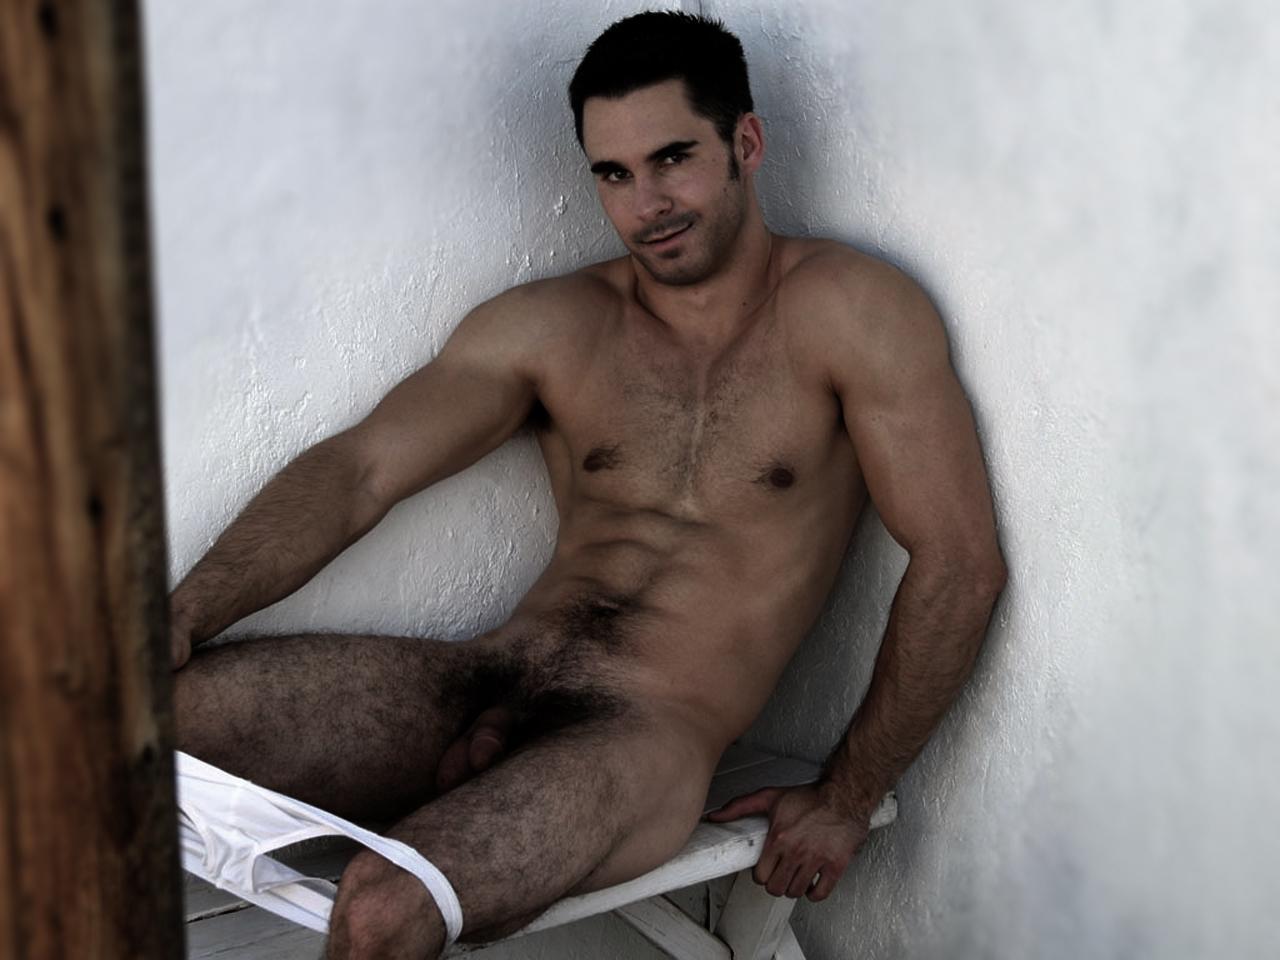 Hombres muy peludos videos porno gay